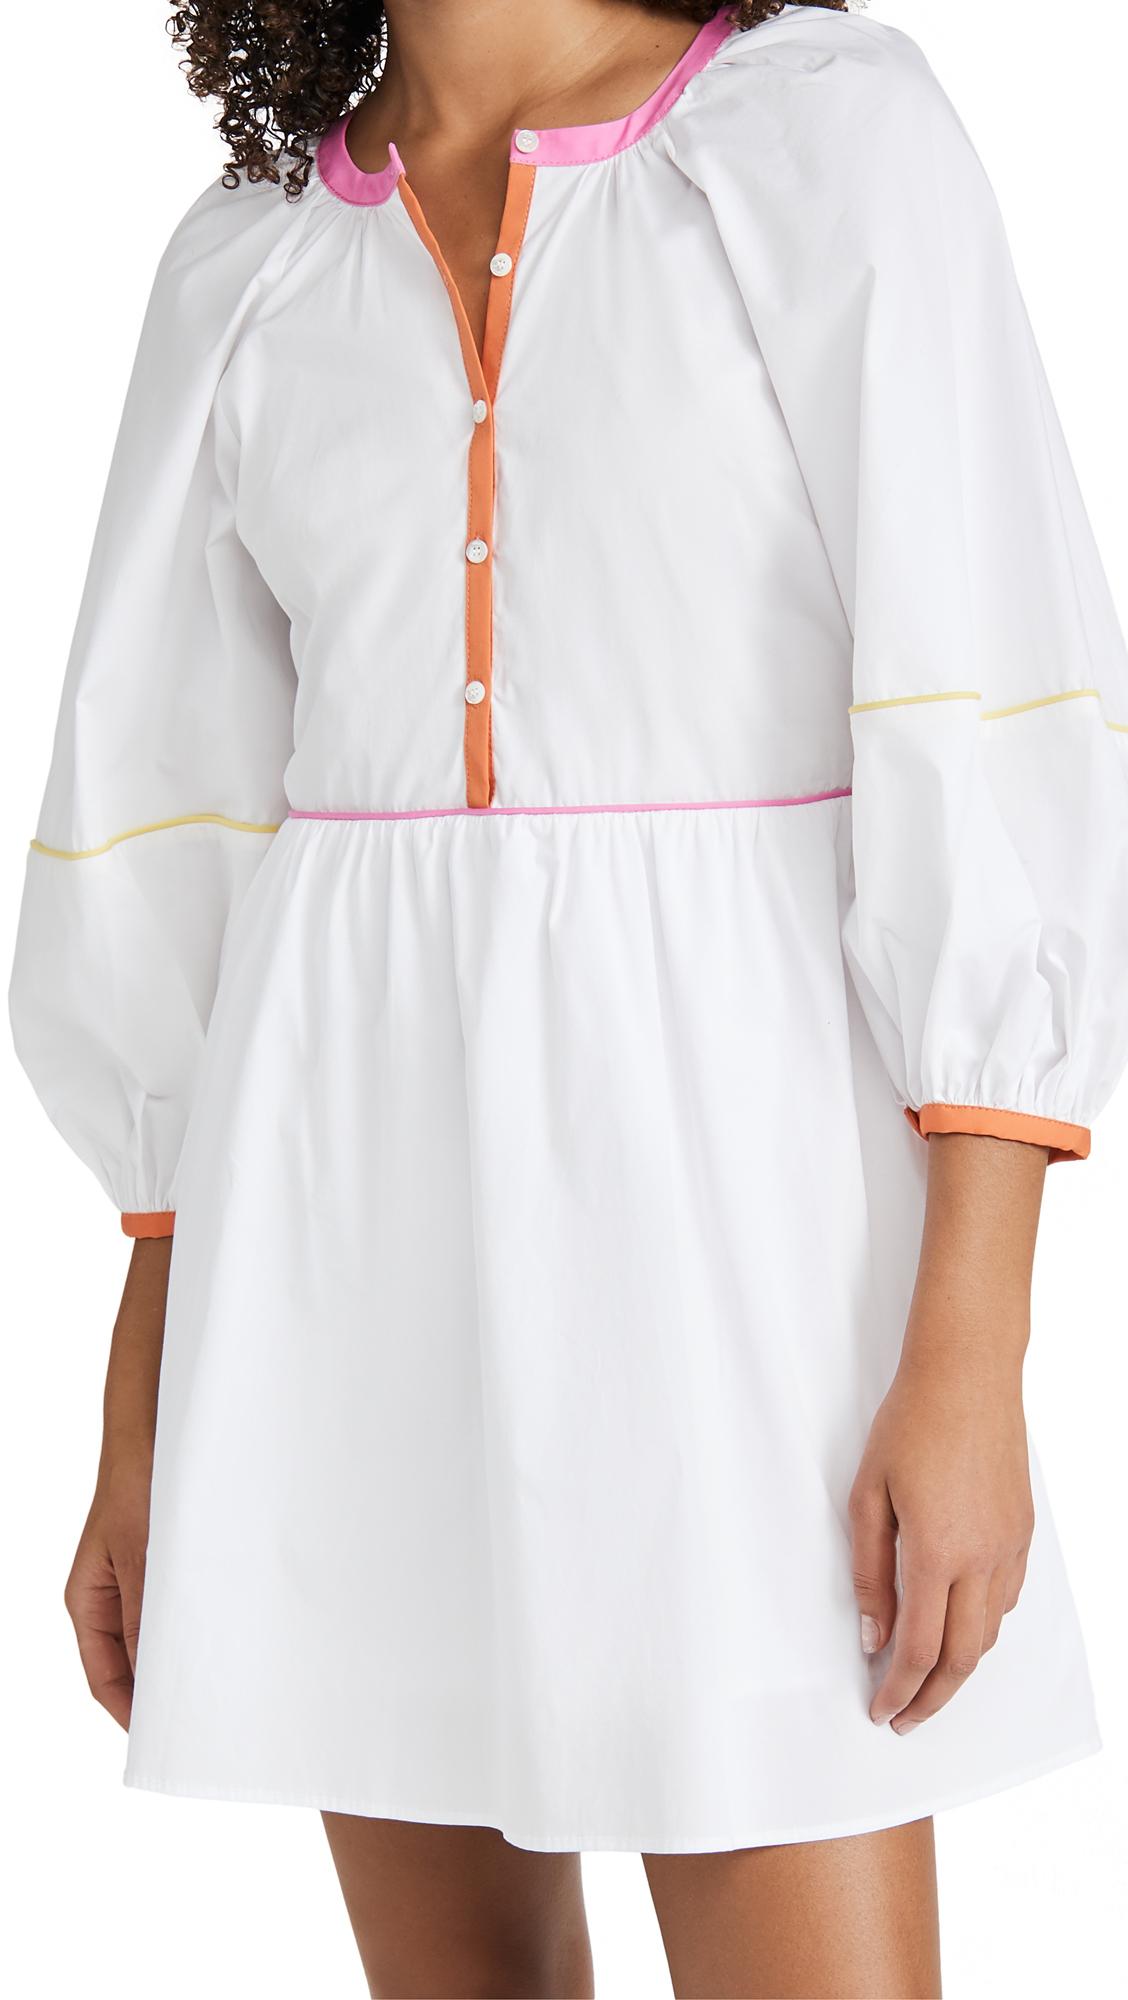 Staud Women's Demi Colorblock-trimmed Mini Dress In White/multi